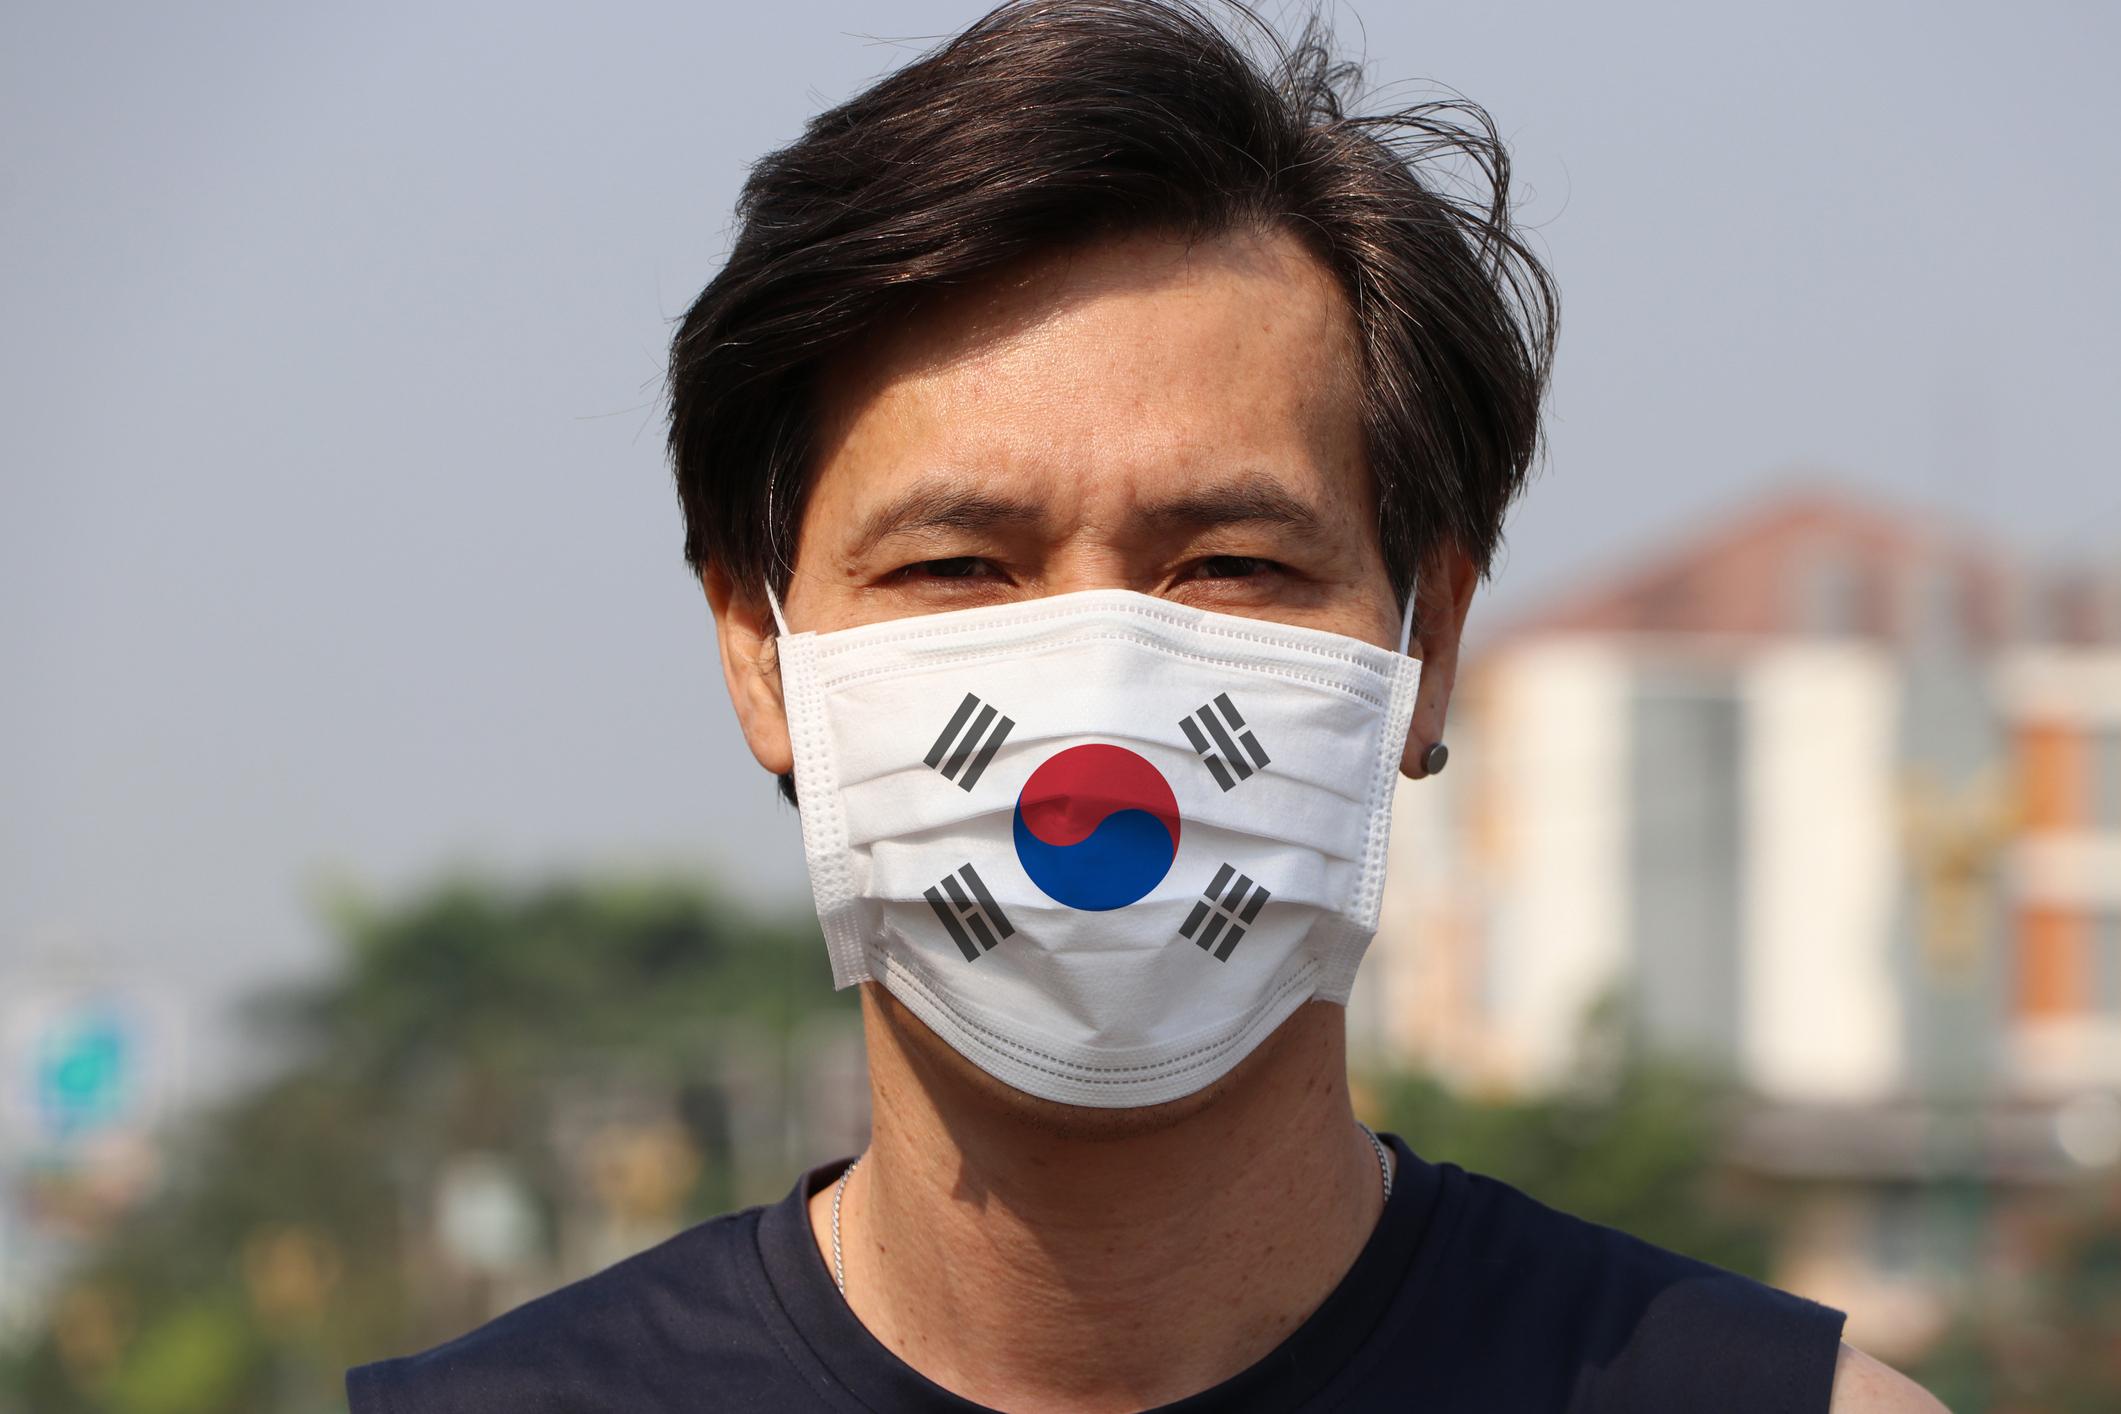 Corea del Sur acelerará el plan de vacunación a medida que se detecten casos relacionados con la cepa del Reino Unido